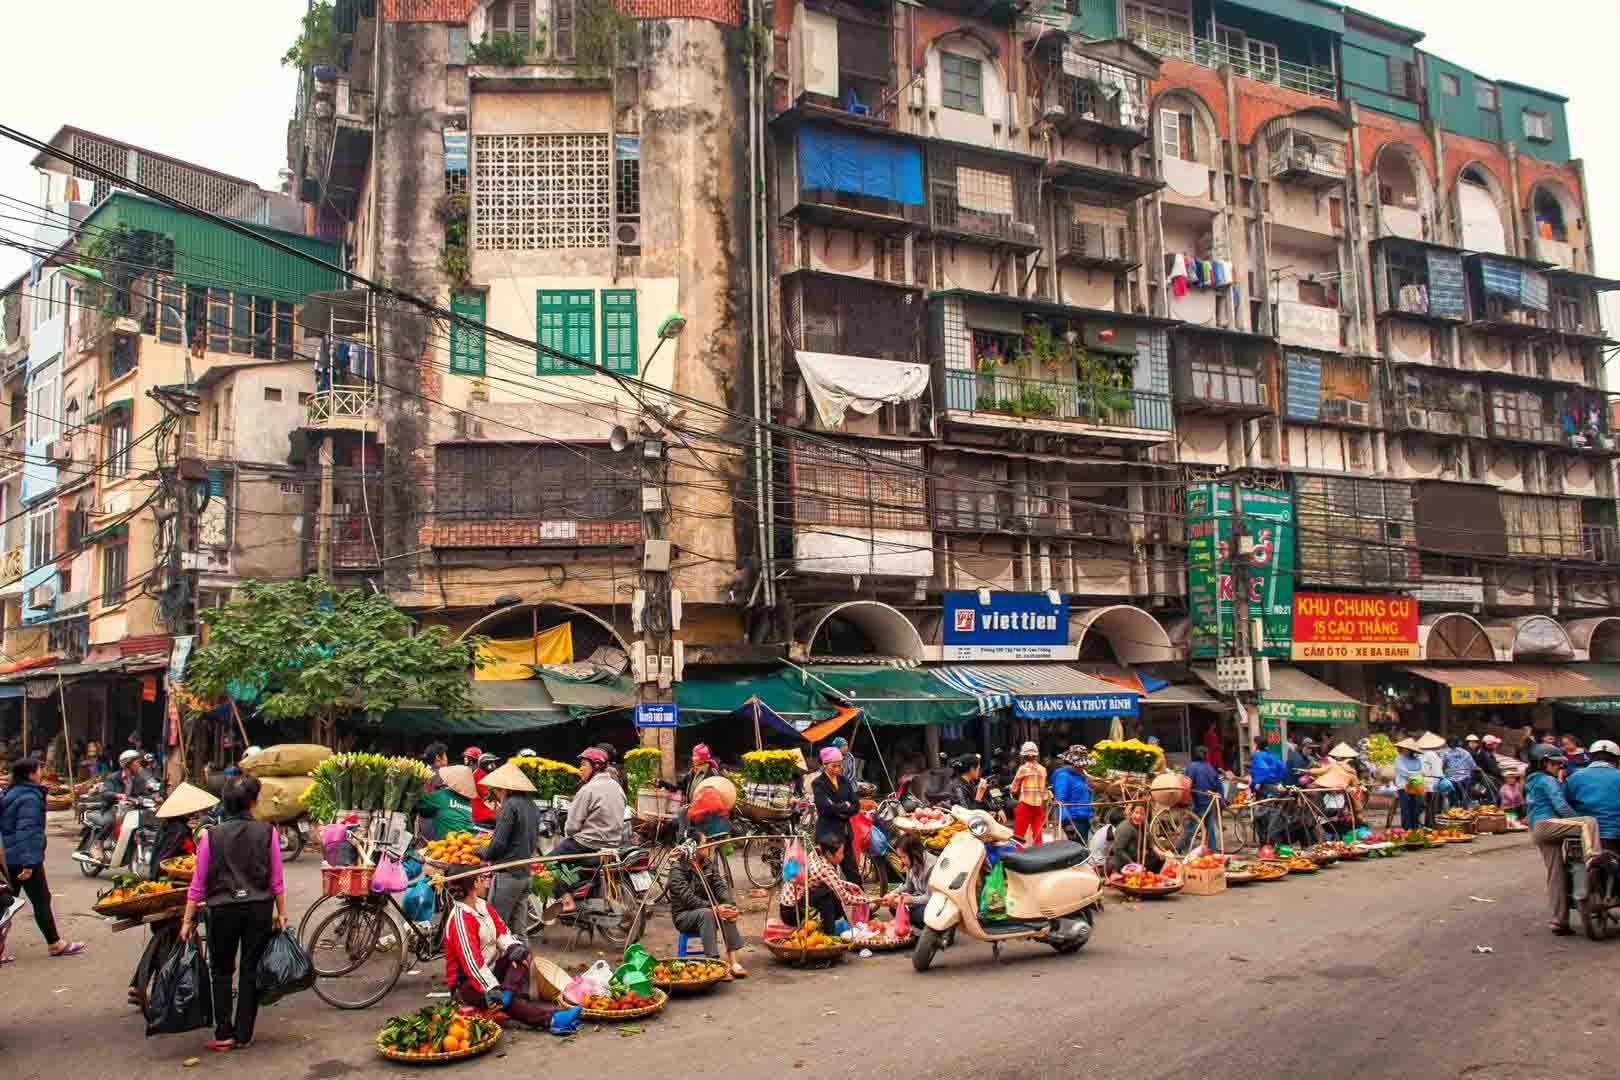 Tour du lịch Hà Nội - Tràng An - Hạ Long - Yên Tử